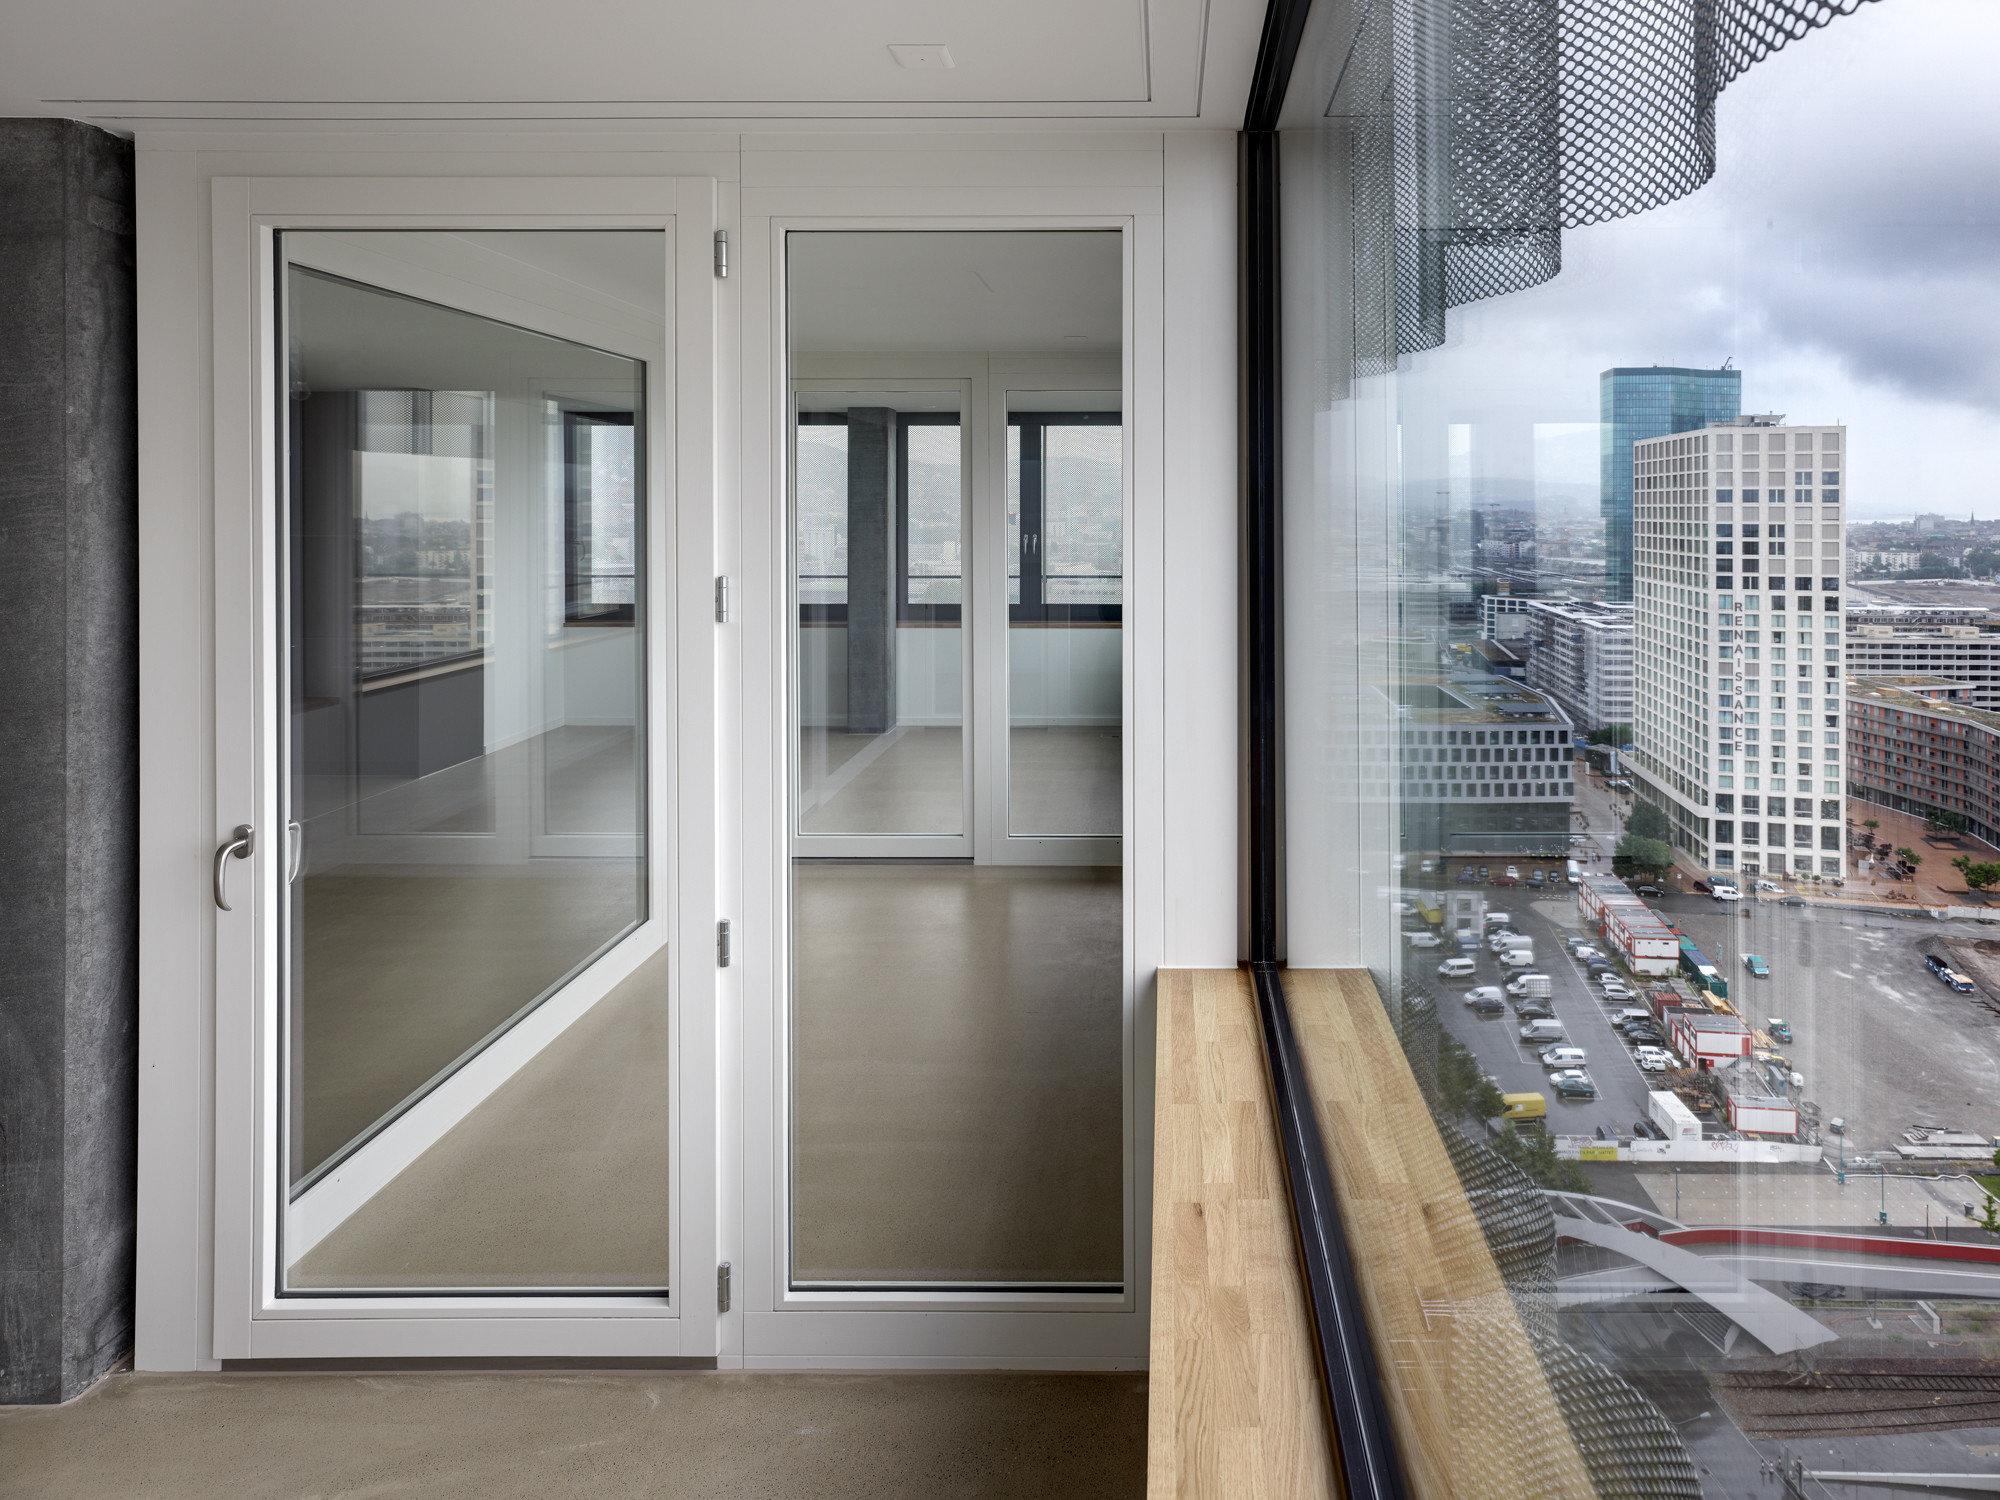 Grosse moderne Holztüre ausgefüllt mit Glas die Räume neben grossen Fenster mit Licht durchfluten